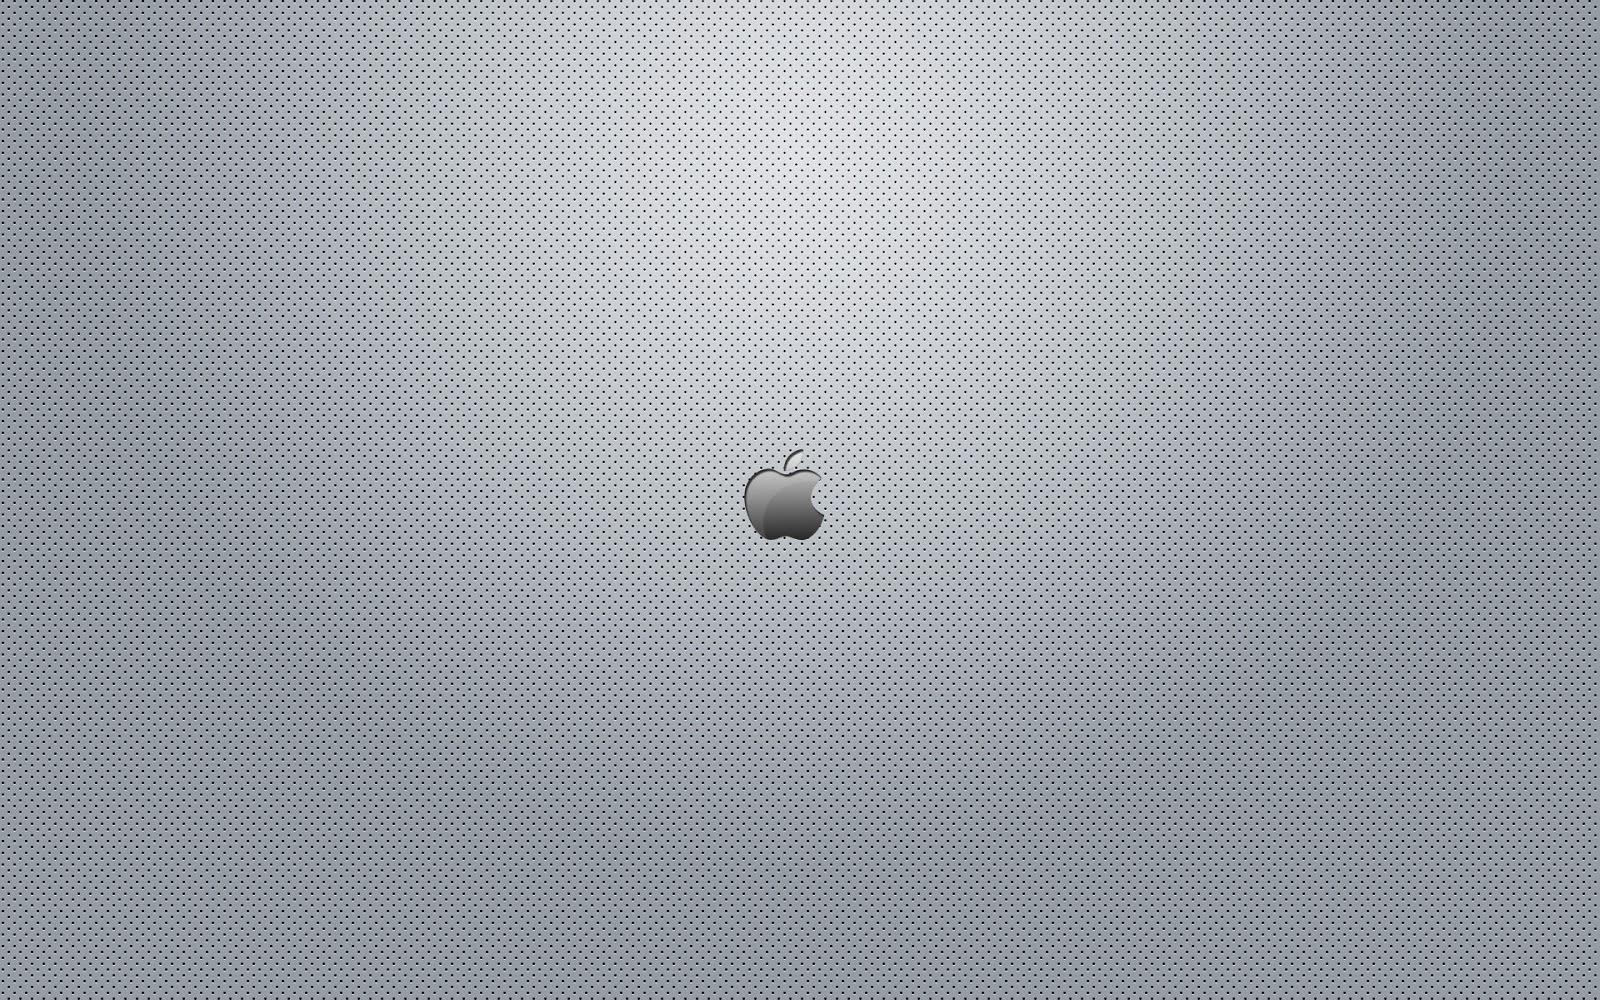 Apple mac new ipad wallpaper HD Wall2U 1600x1000